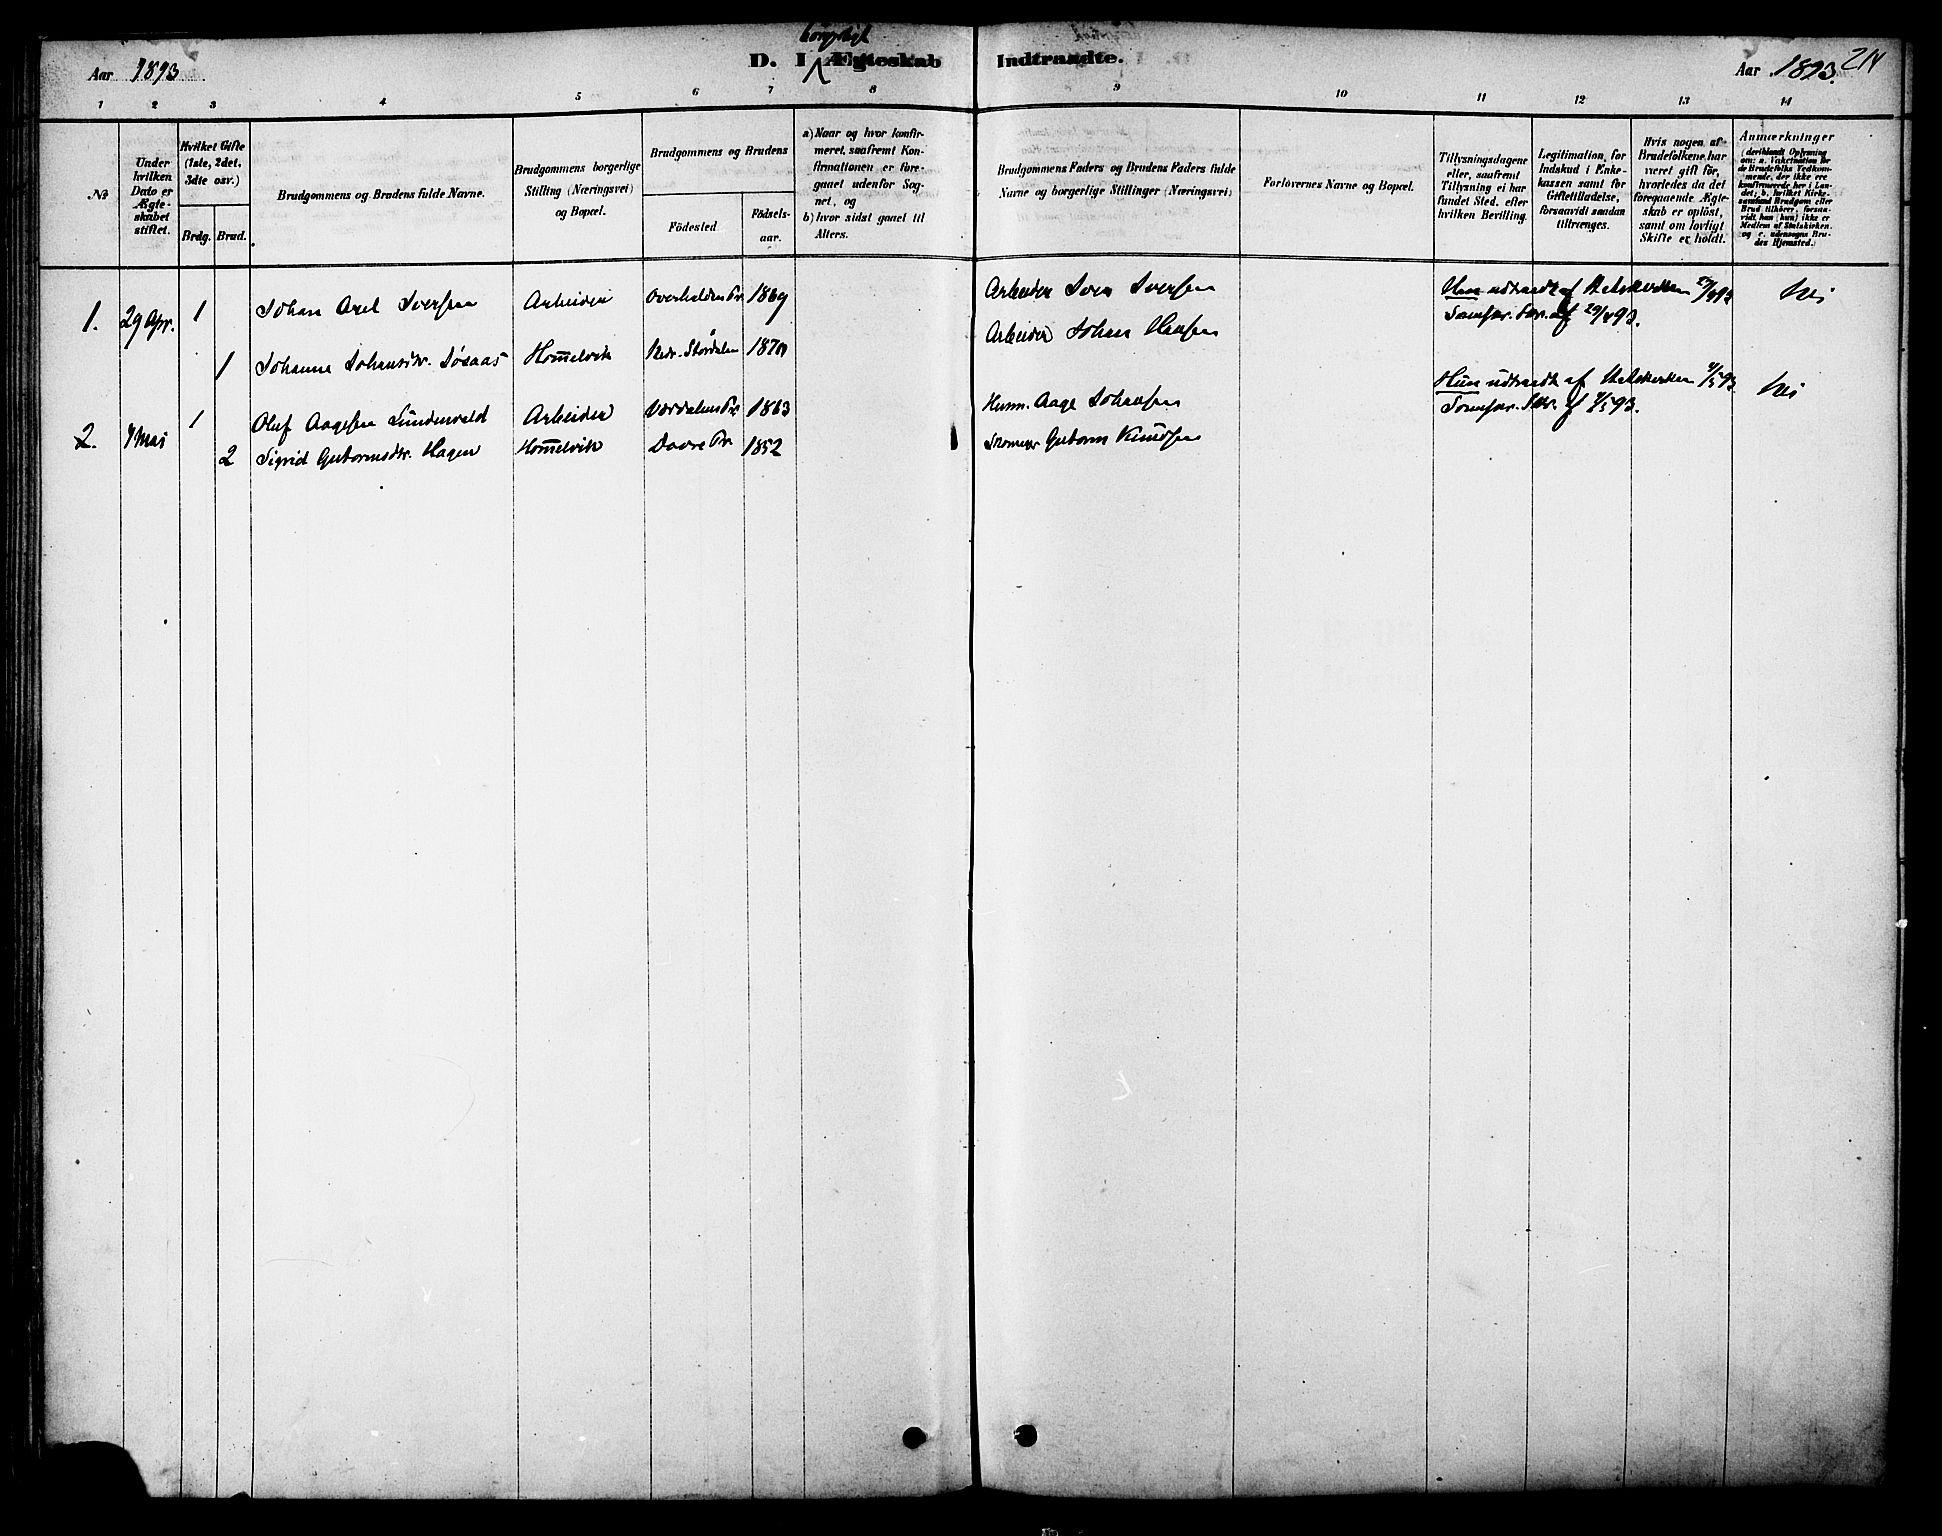 SAT, Ministerialprotokoller, klokkerbøker og fødselsregistre - Sør-Trøndelag, 616/L0410: Ministerialbok nr. 616A07, 1878-1893, s. 214